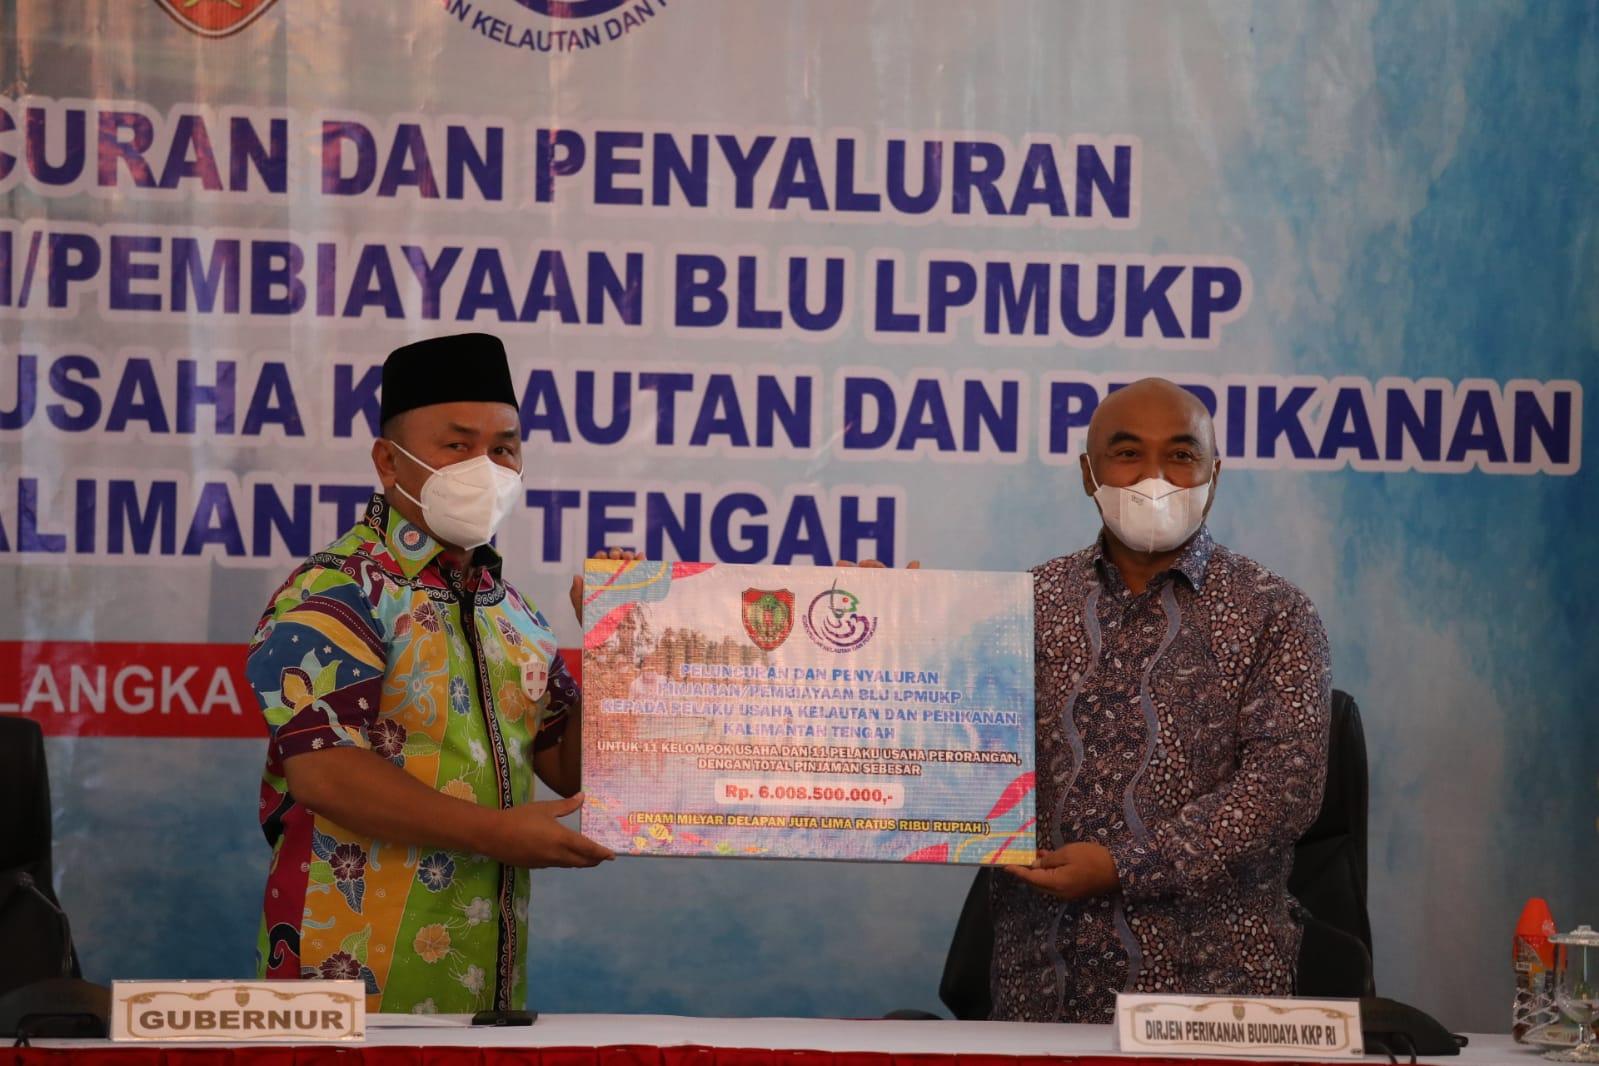 Gubernur H. Sugianto Sabran Hadiri Sekaligus Berikan Sambutan Pada Acara Peluncuran dan Penyaluran Pinjaman/ Pembiayaan BLU LPMUKP Kepada Pelaku Usaha Kelautan dan Perikanan Kalteng